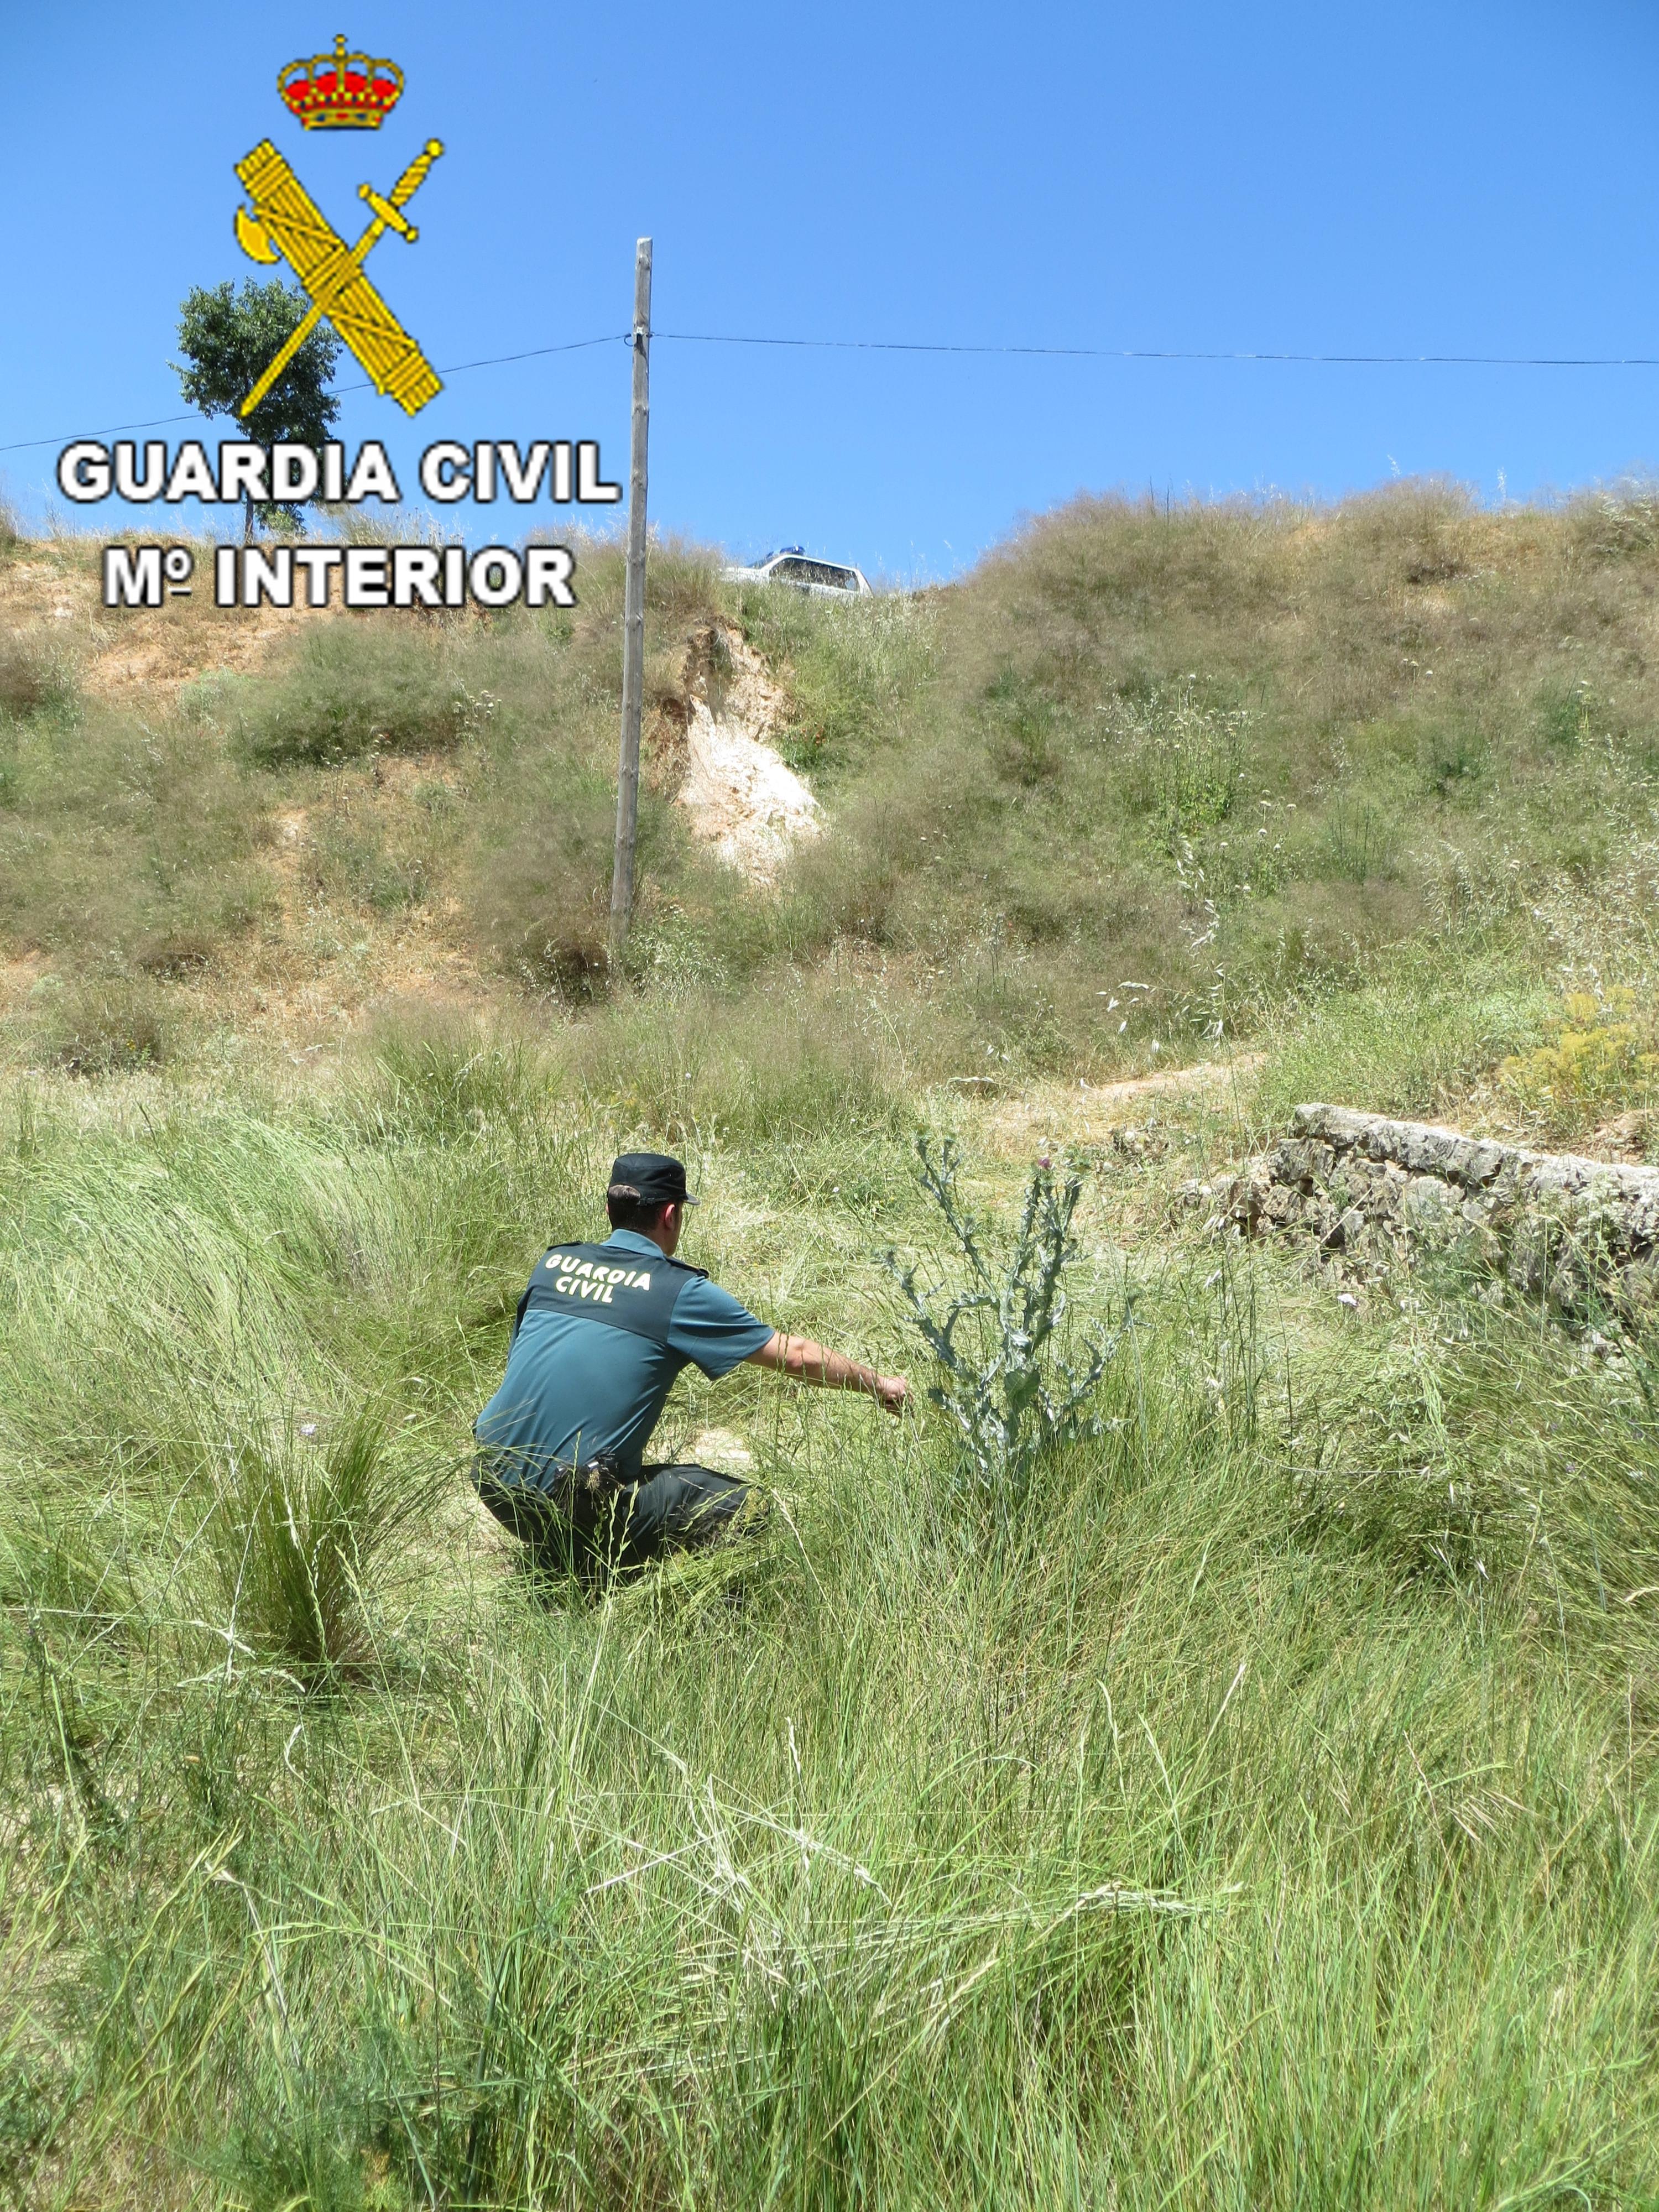 La Guardia Civil ha procedido al auxilio de un varón de 76 años, que se encontraba en una zona de difícil acceso y de compleja visualización en el termino municipal de Sinarcas.